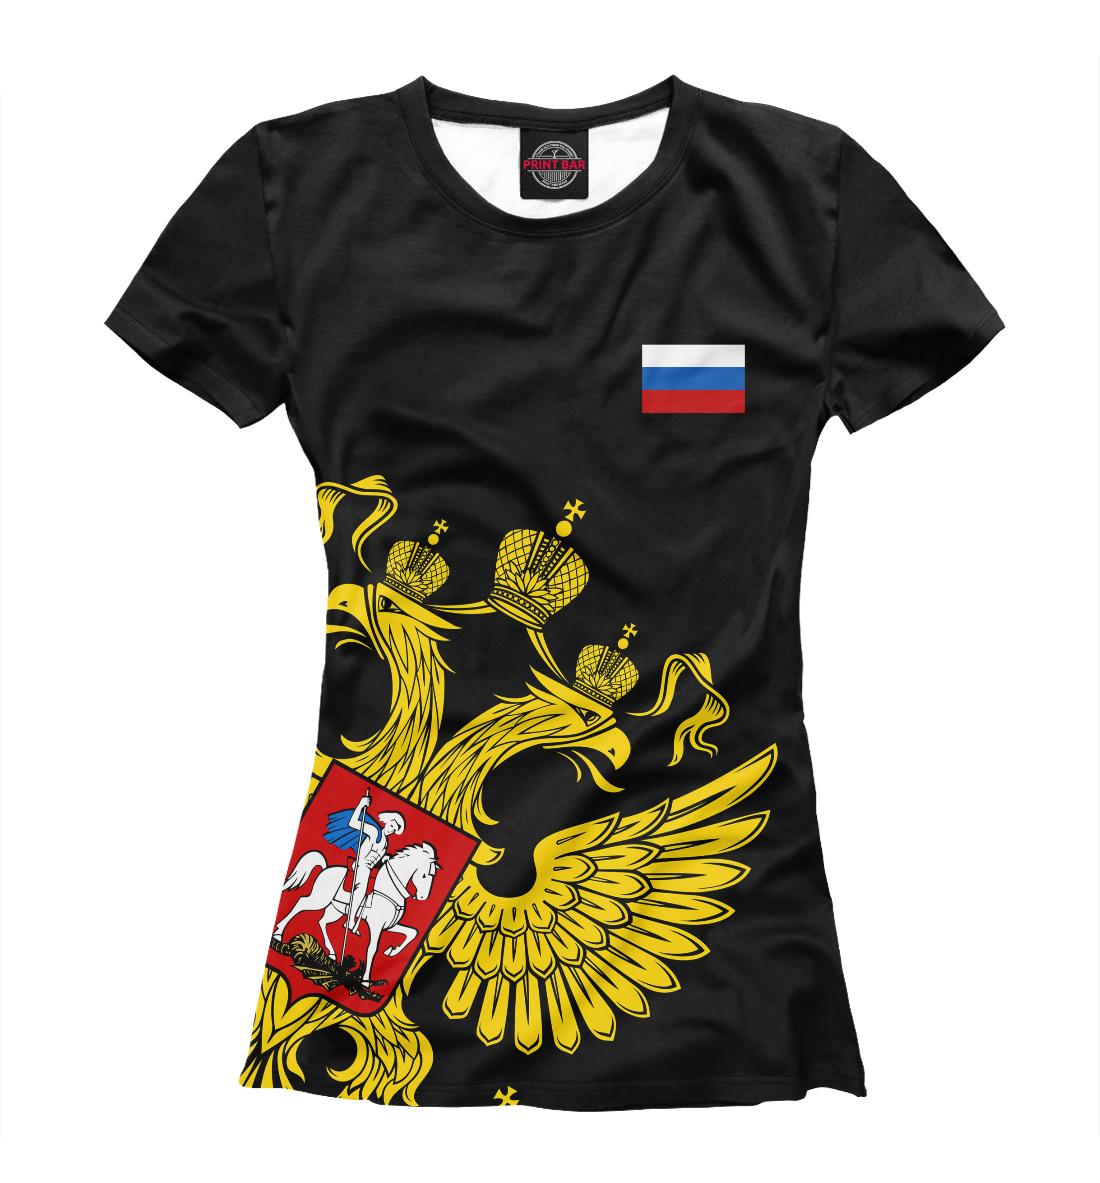 Купить Россия Флаг и Герб, Printbar, Футболки, SRF-406844-fut-1